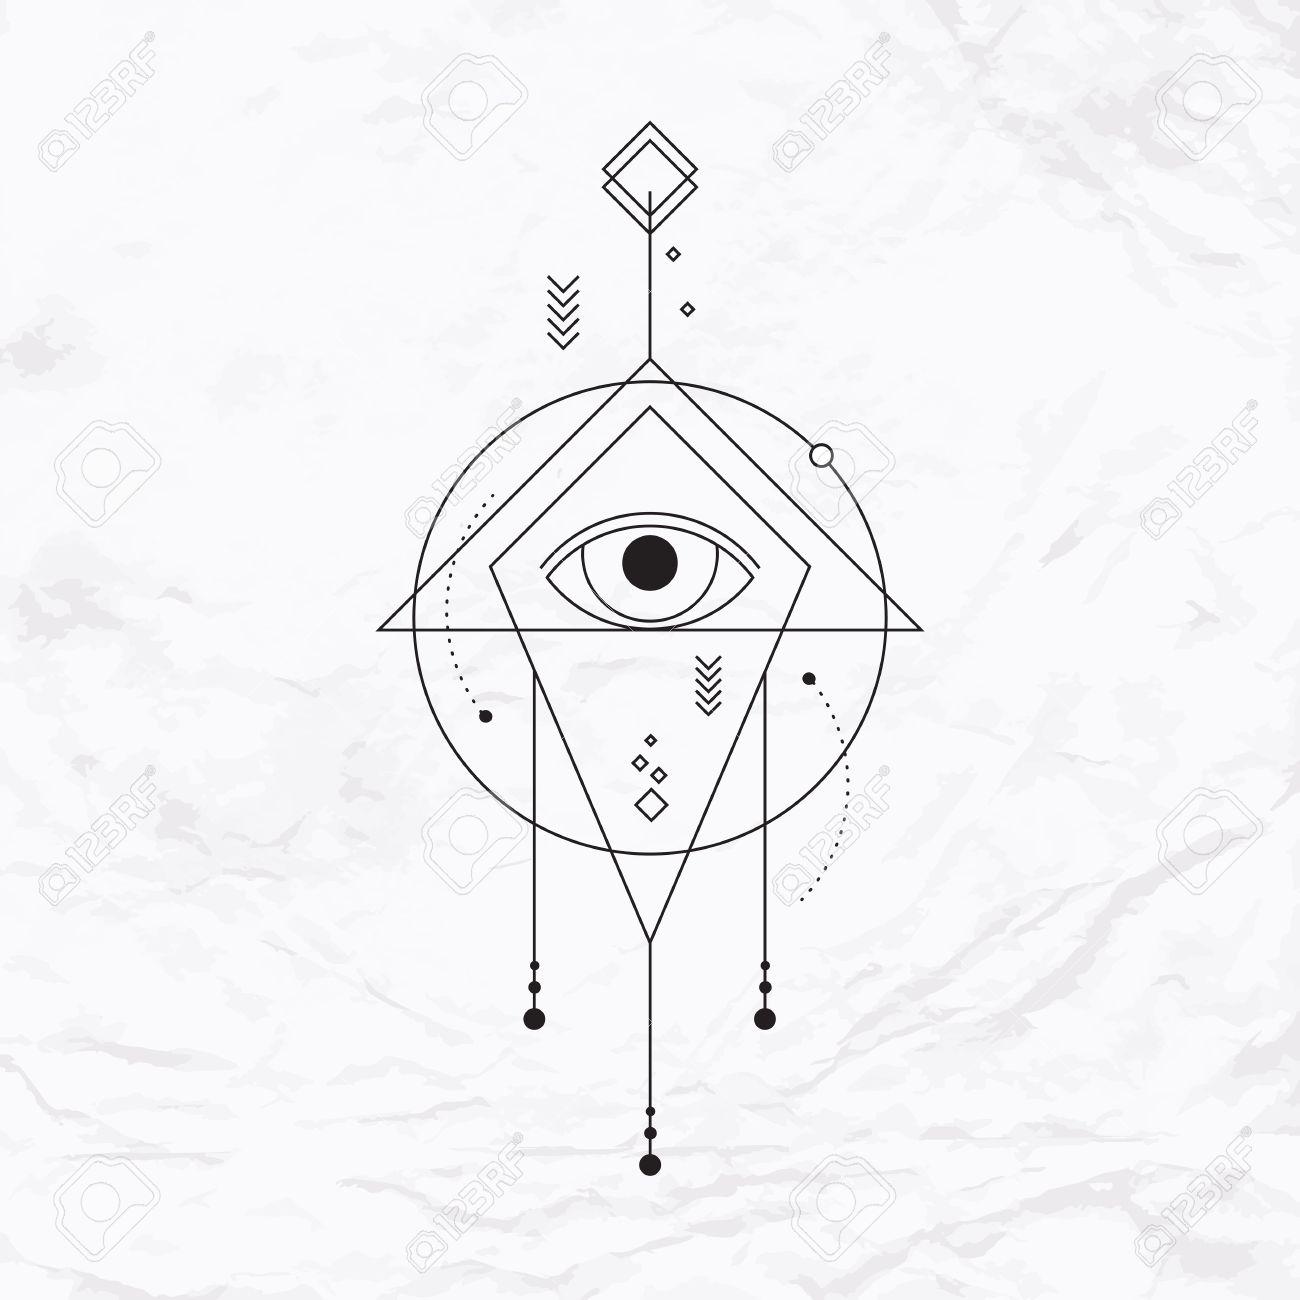 Resumen De Vectores Místico Signo Geométrico Con Formas Geométricas